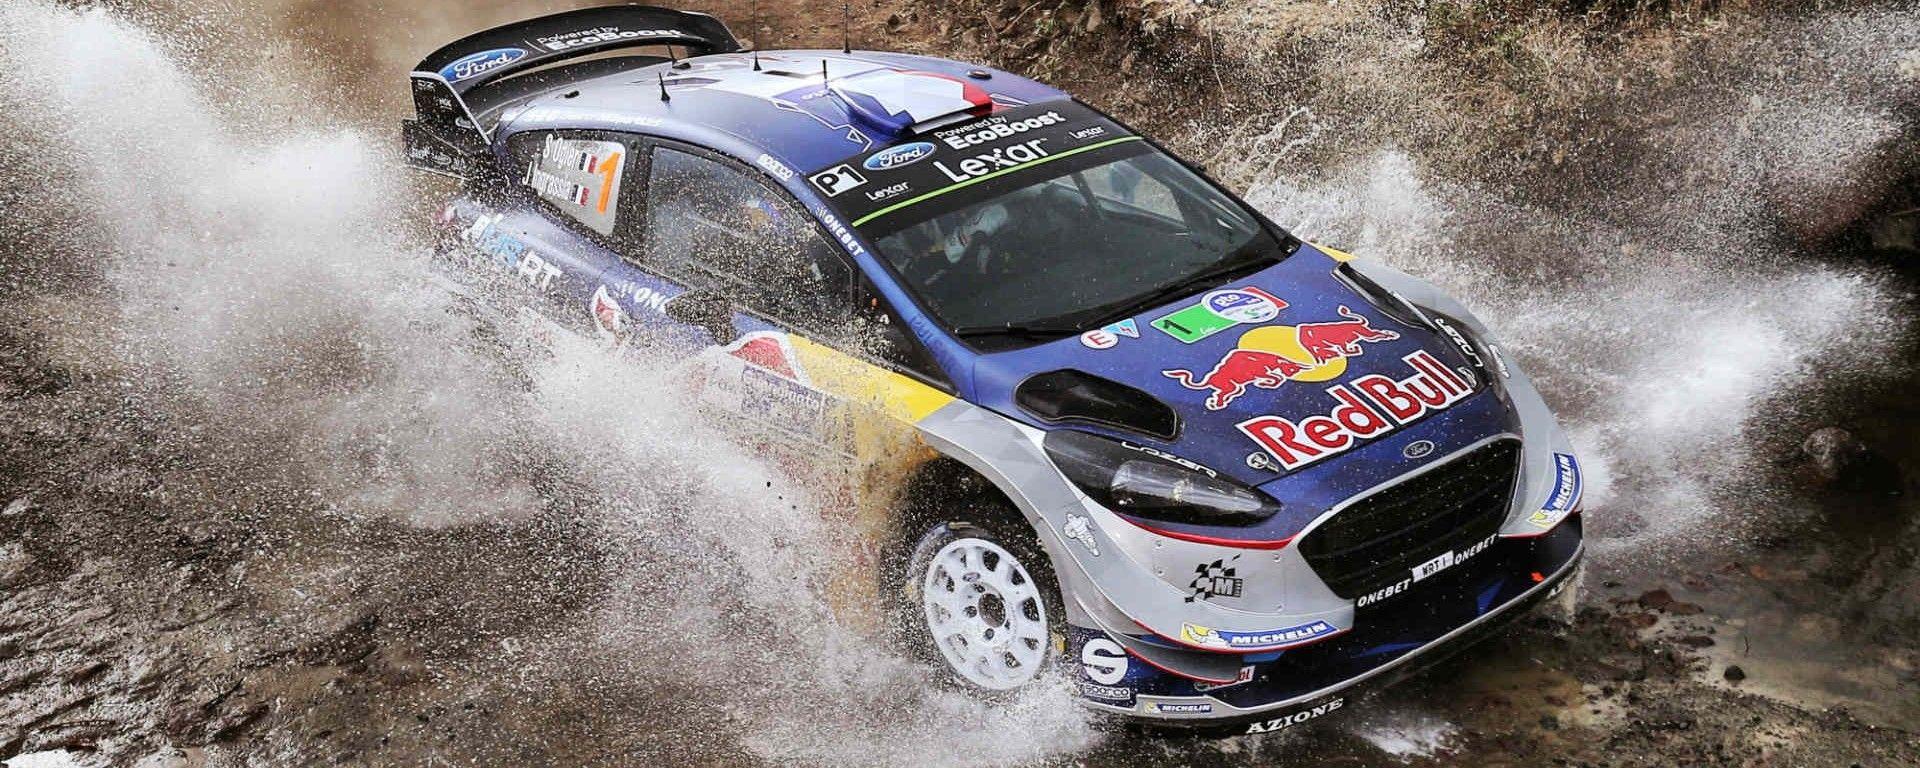 Sebastien Ogier vince la PS 12 con la Ford del Team M-Sport - WRC 2017, Rally Messico